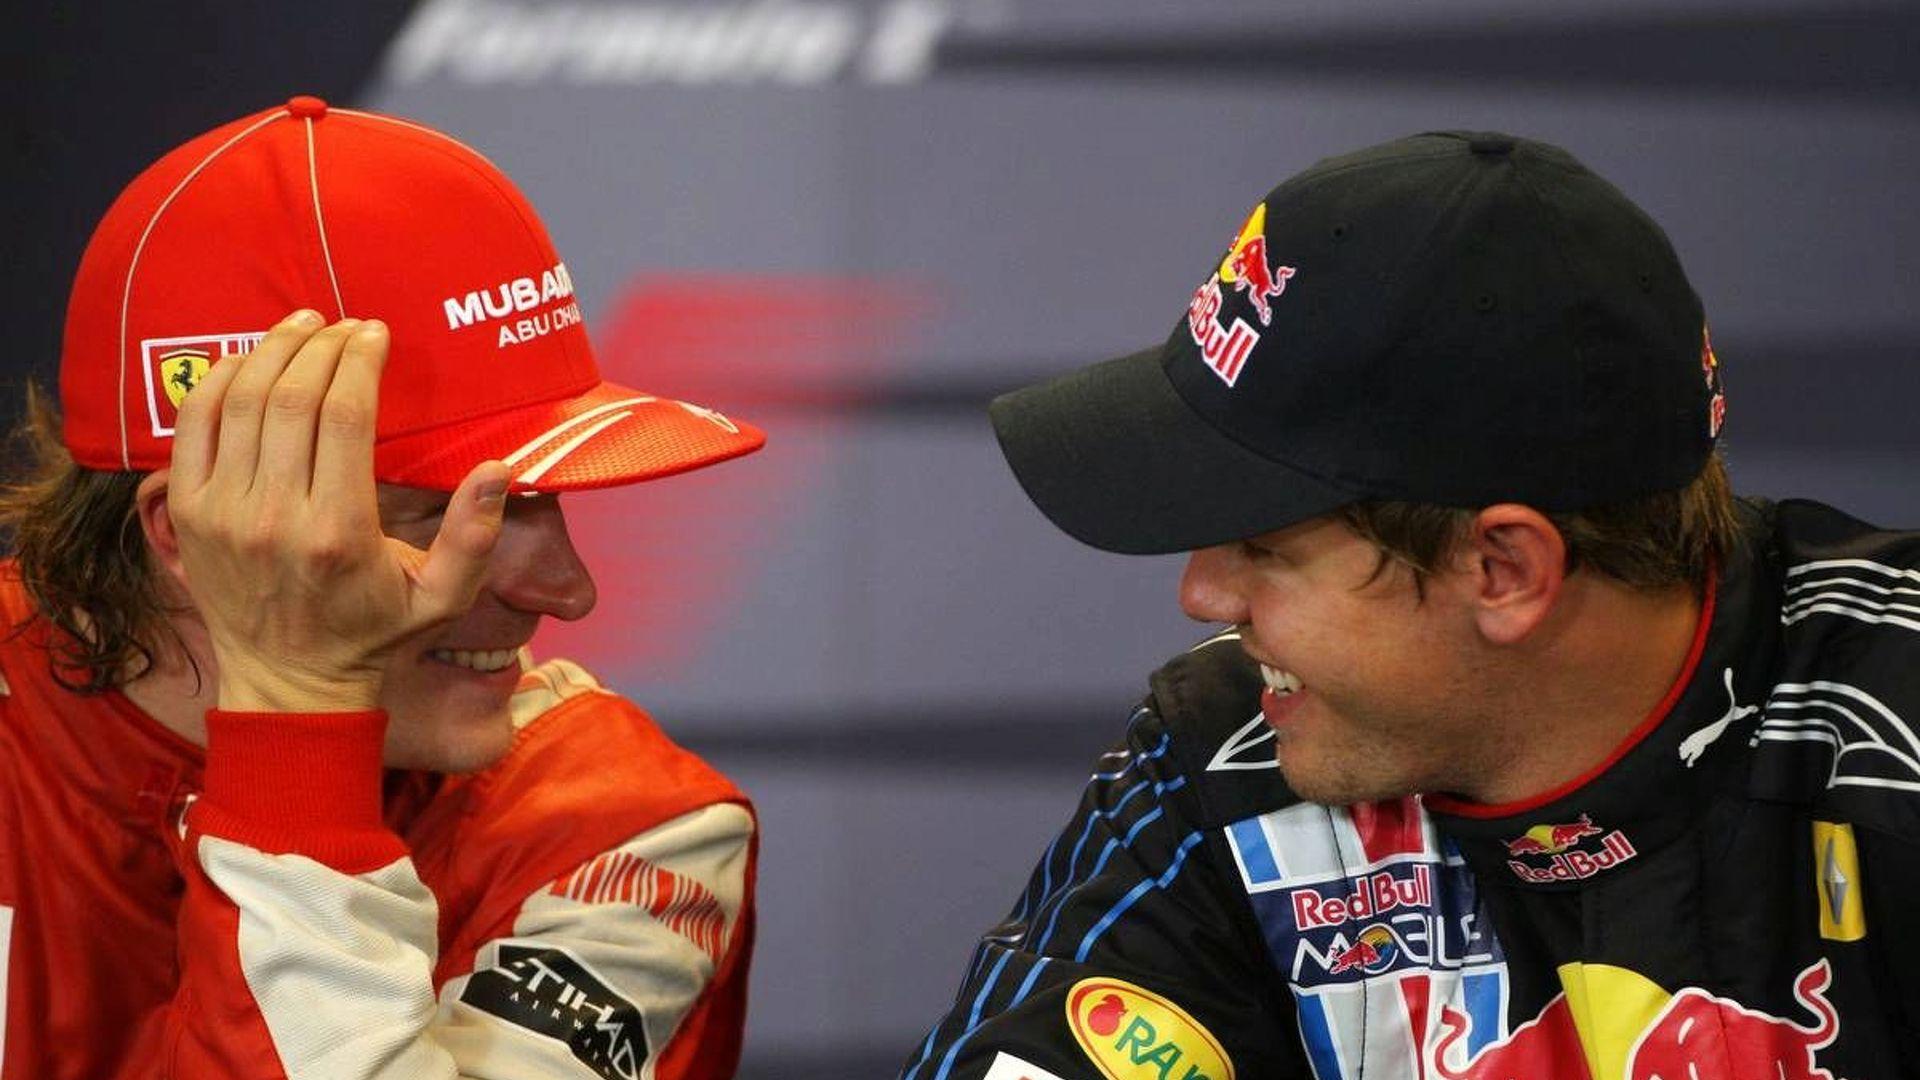 Raikkonen to Red Bull, Renault to oust Grosjean?